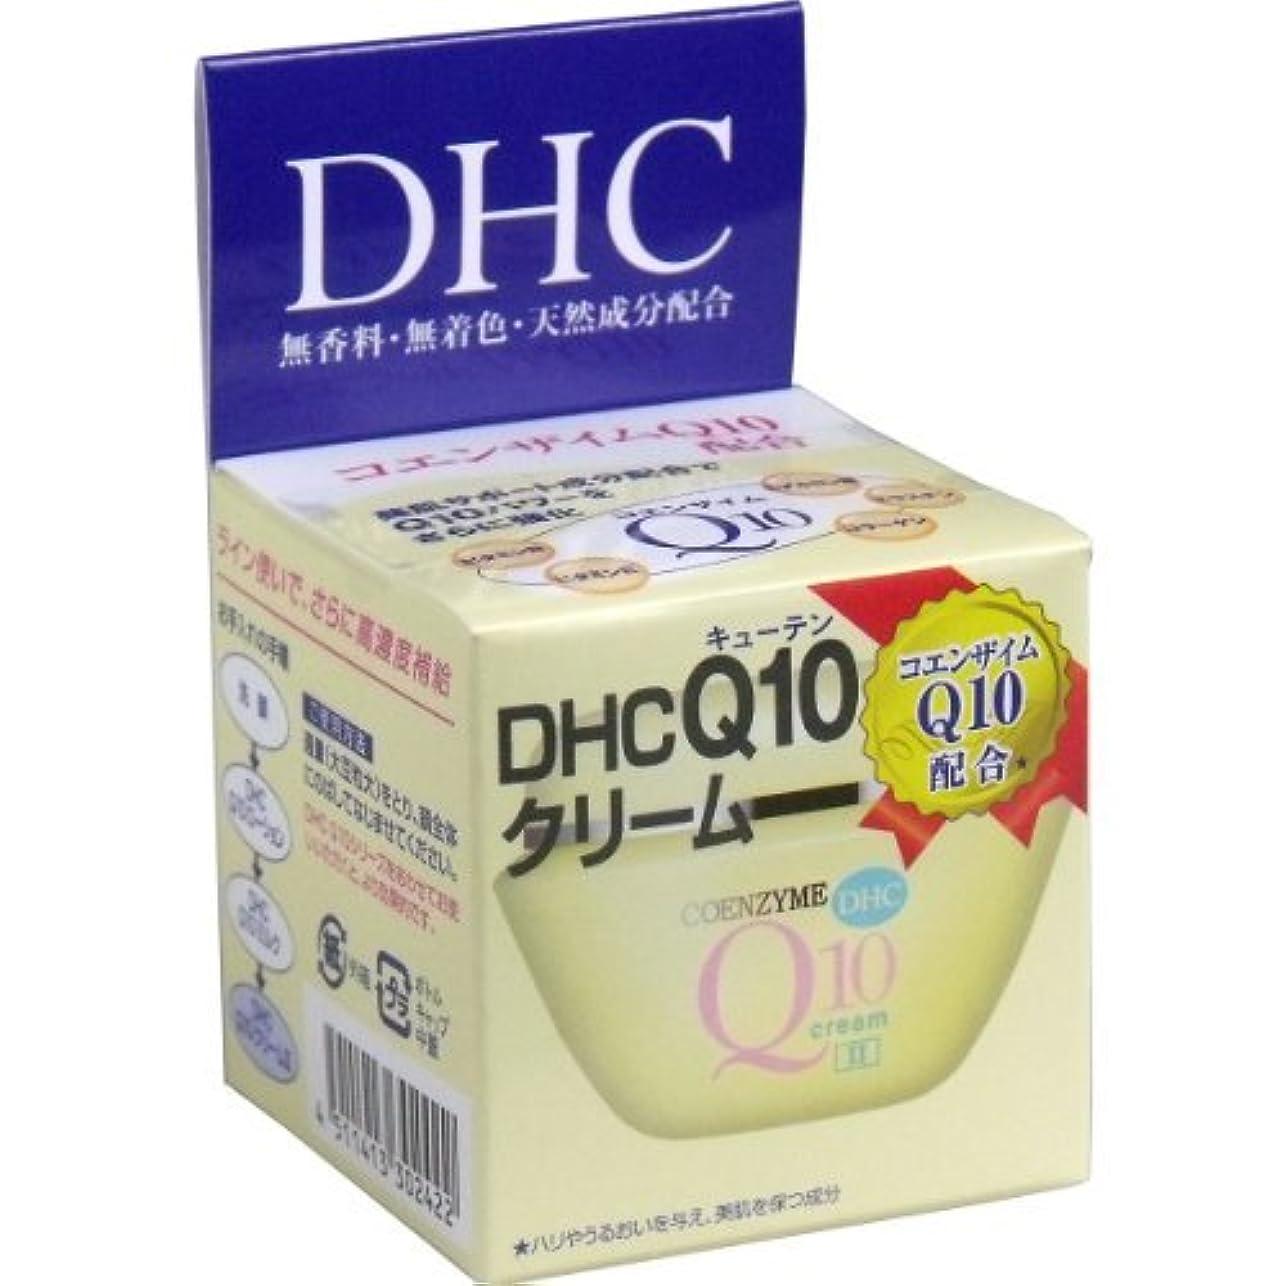 管理するポーンミット【DHC】DHC Q10クリーム2 (SS) 20g ×5個セット